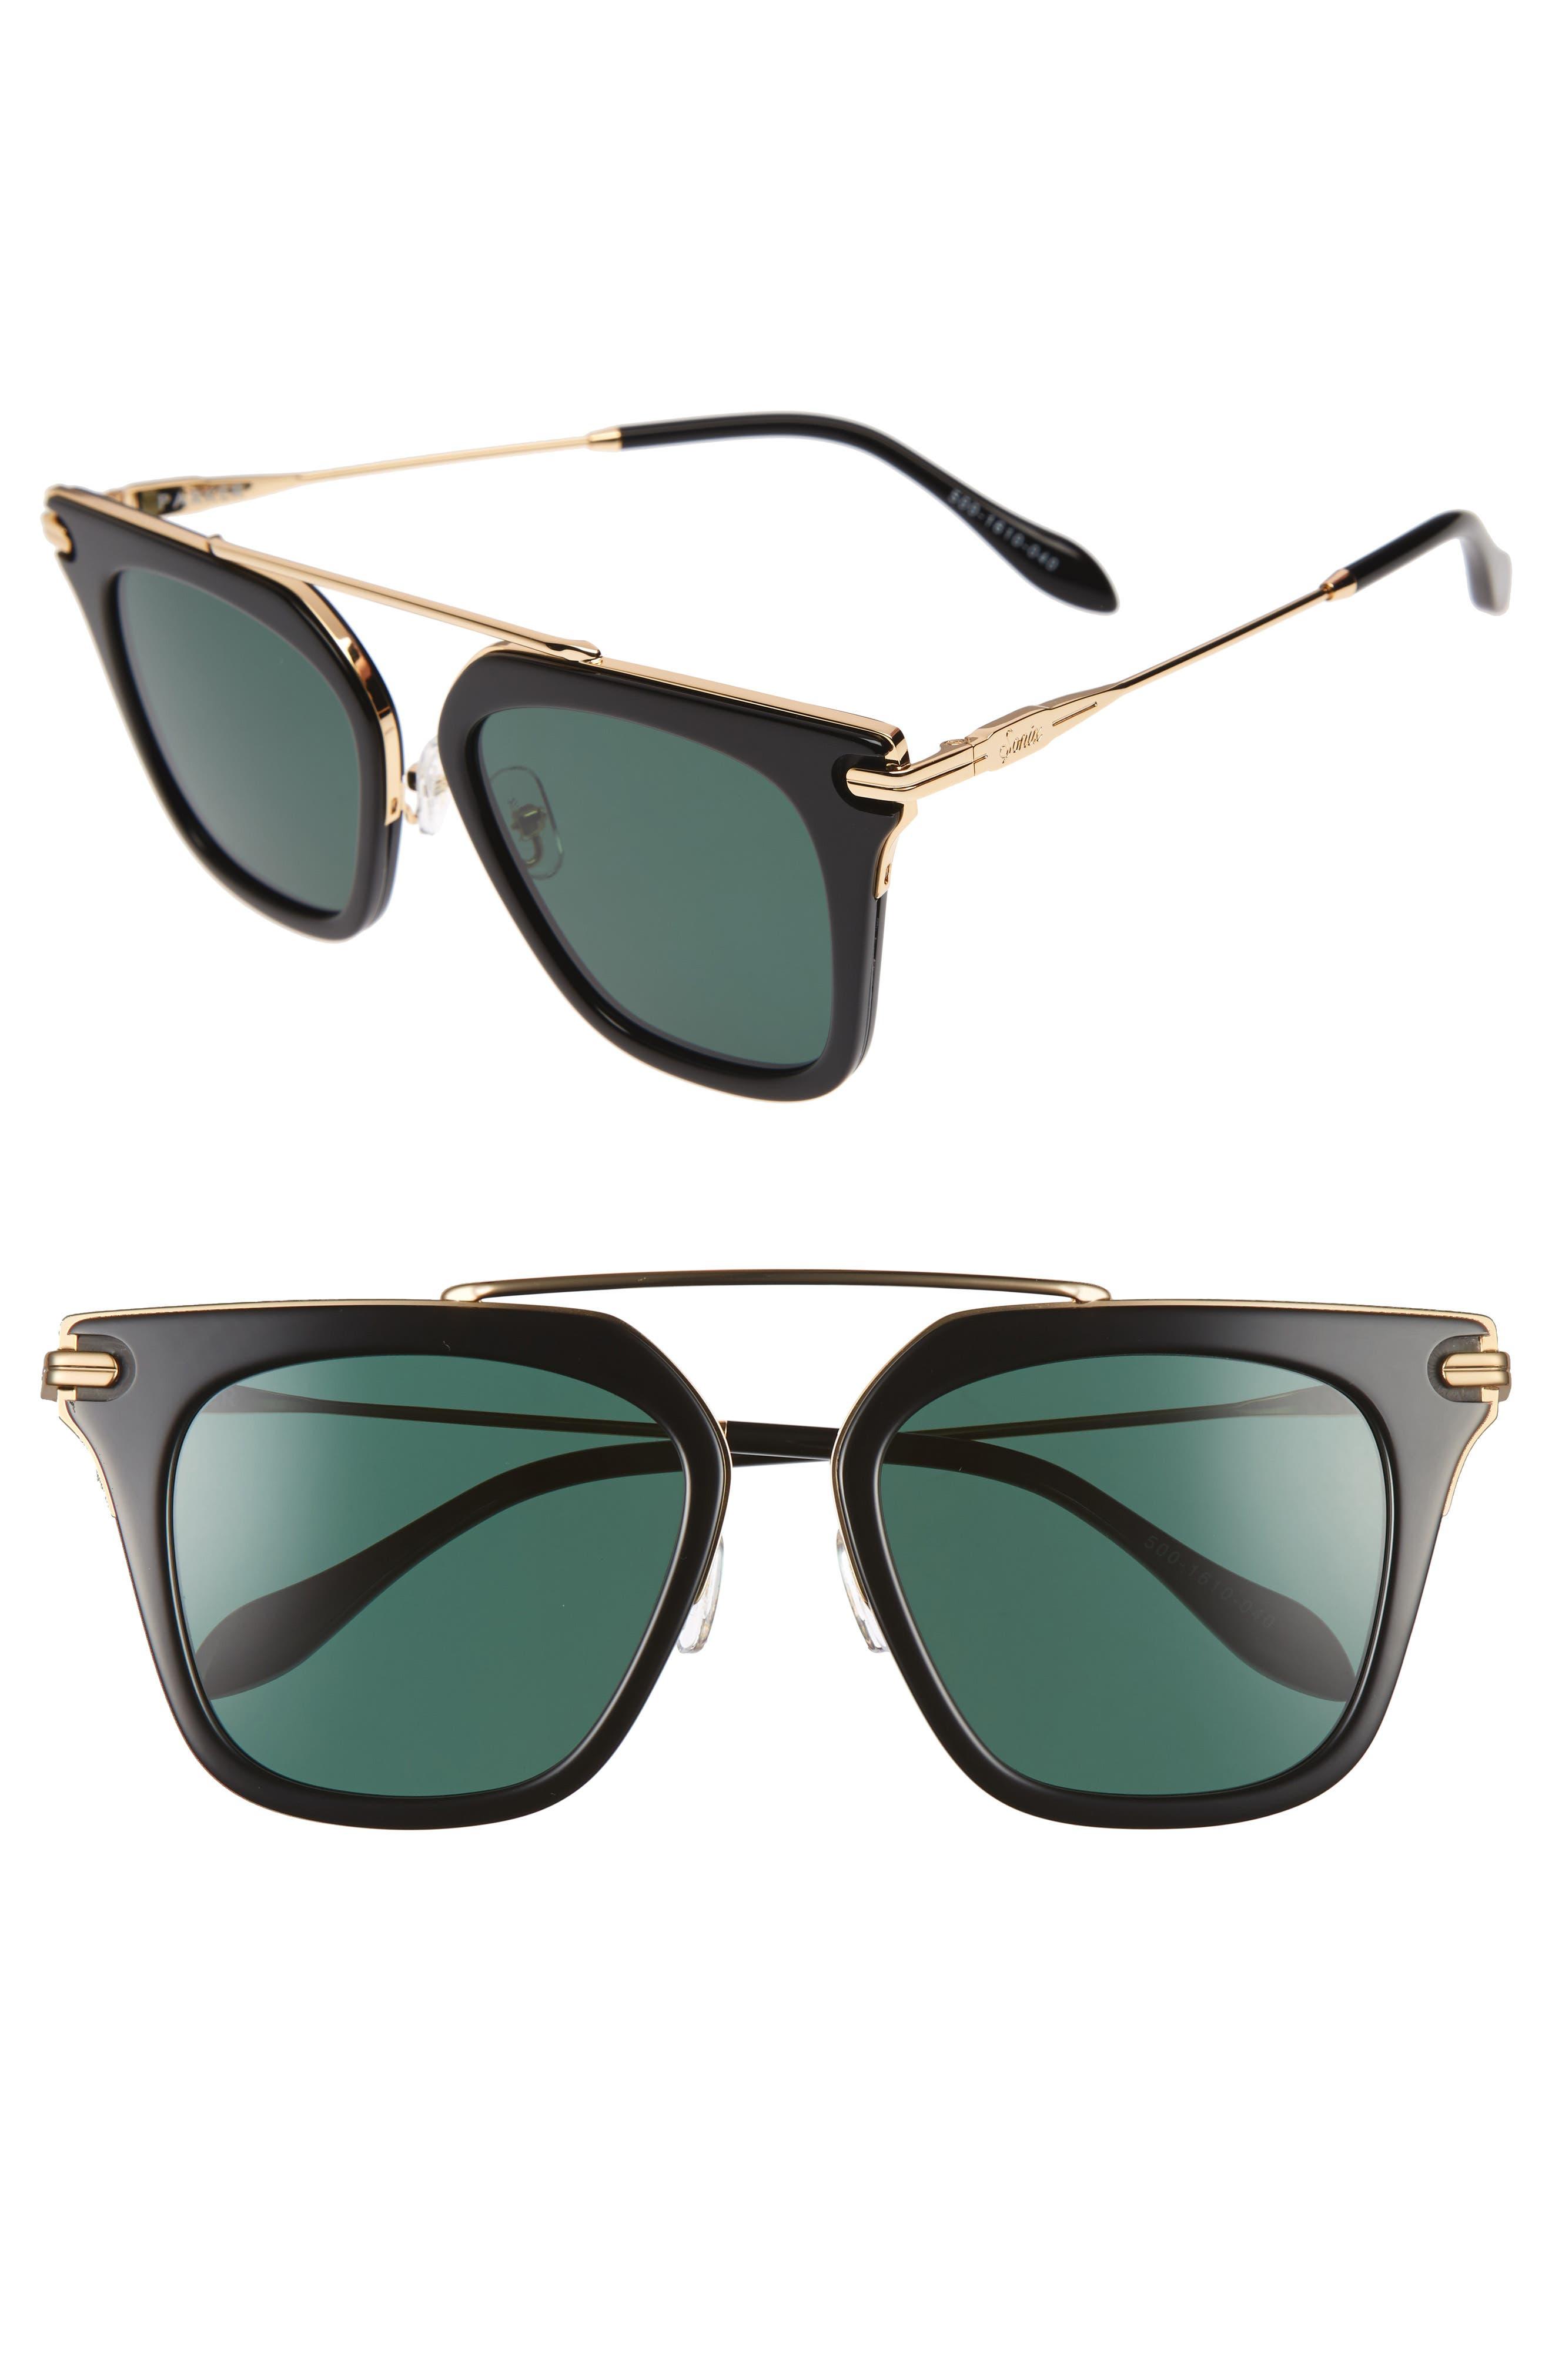 Parker 55mm Sunglasses,                             Main thumbnail 1, color,                             001